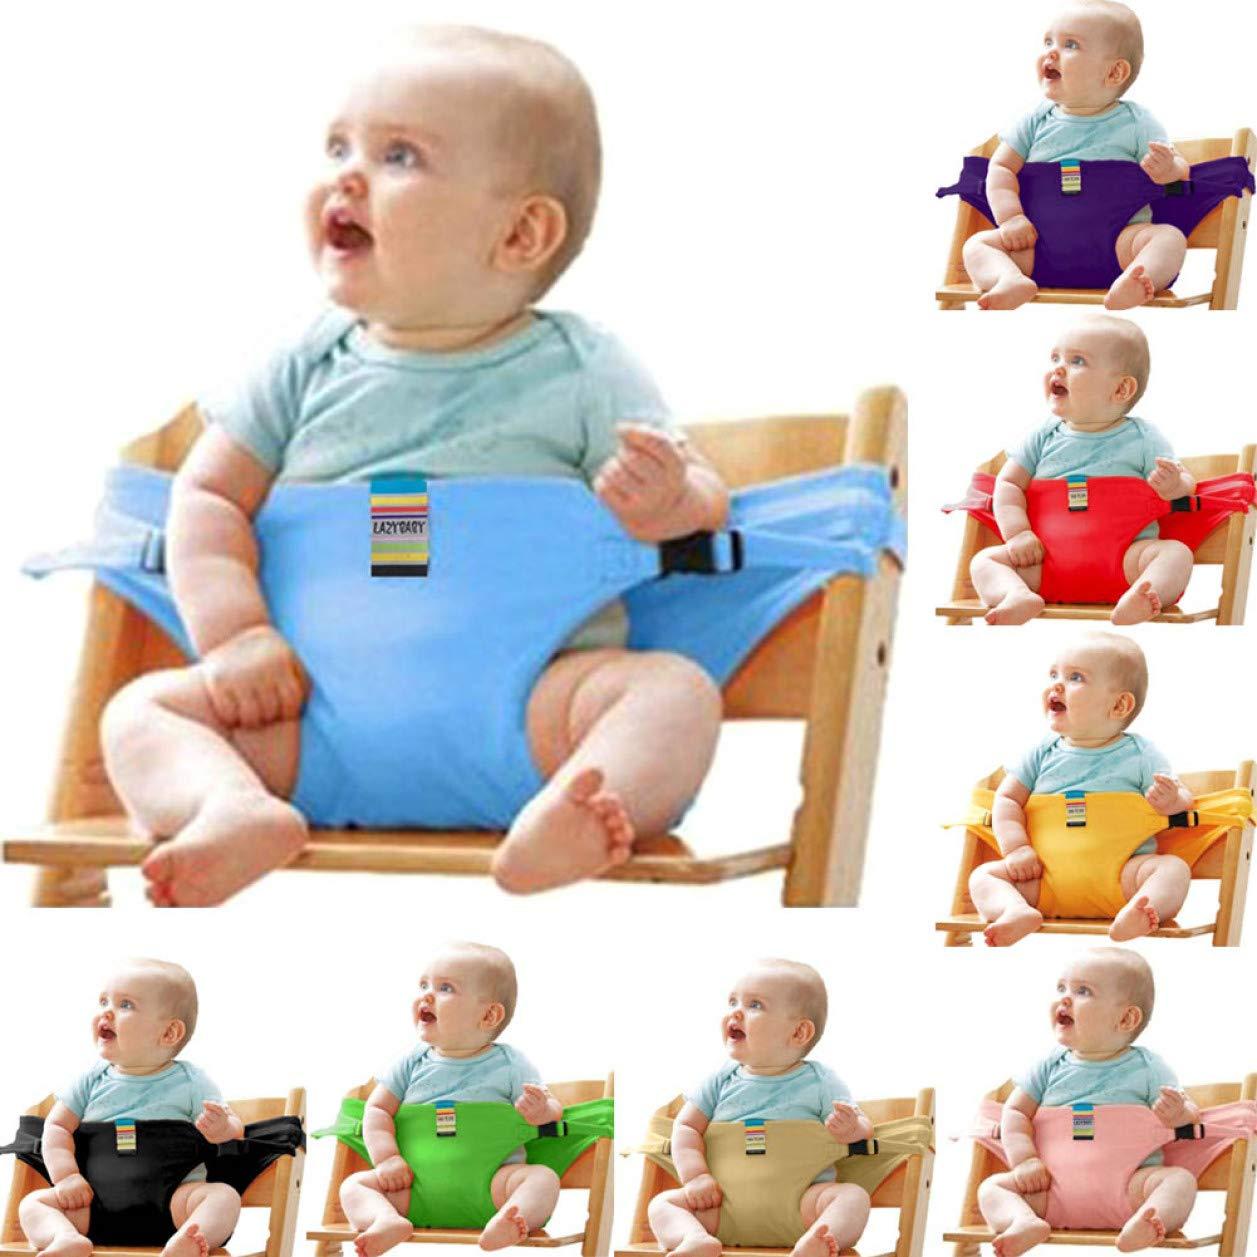 YiOQIBiao Asientos especiales para beb/és,asientos,asientos,asientos,cinturones el/ásticos,paquetes de alimentaci/ón,sillas para beb/és,sillas altas. None 2